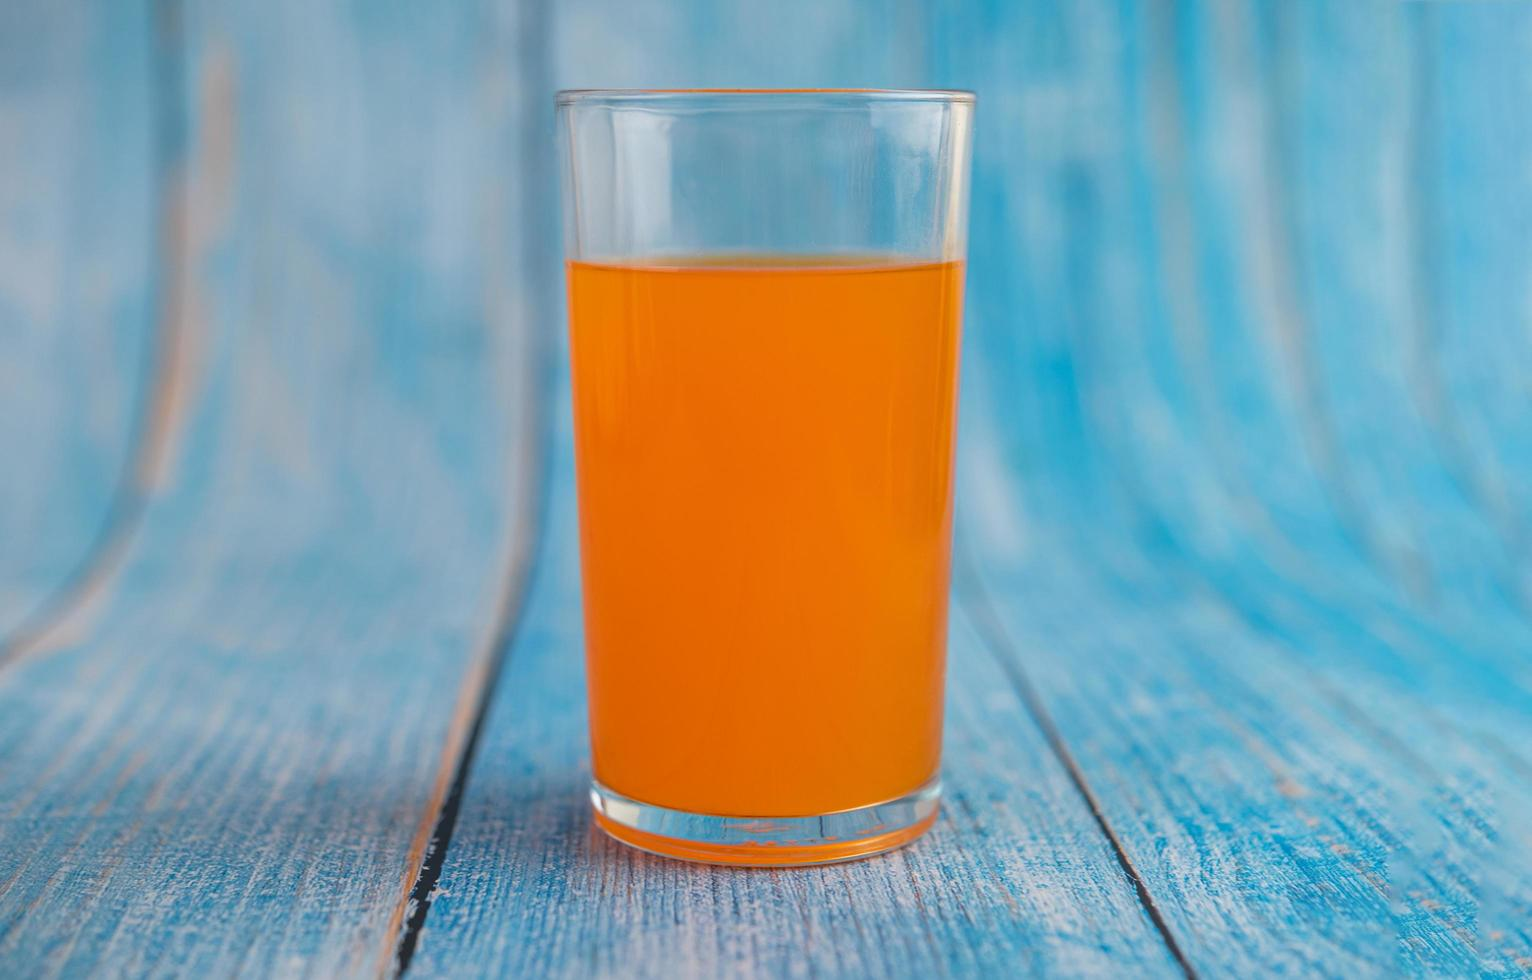 jugo de naranja en el piso de madera azul foto